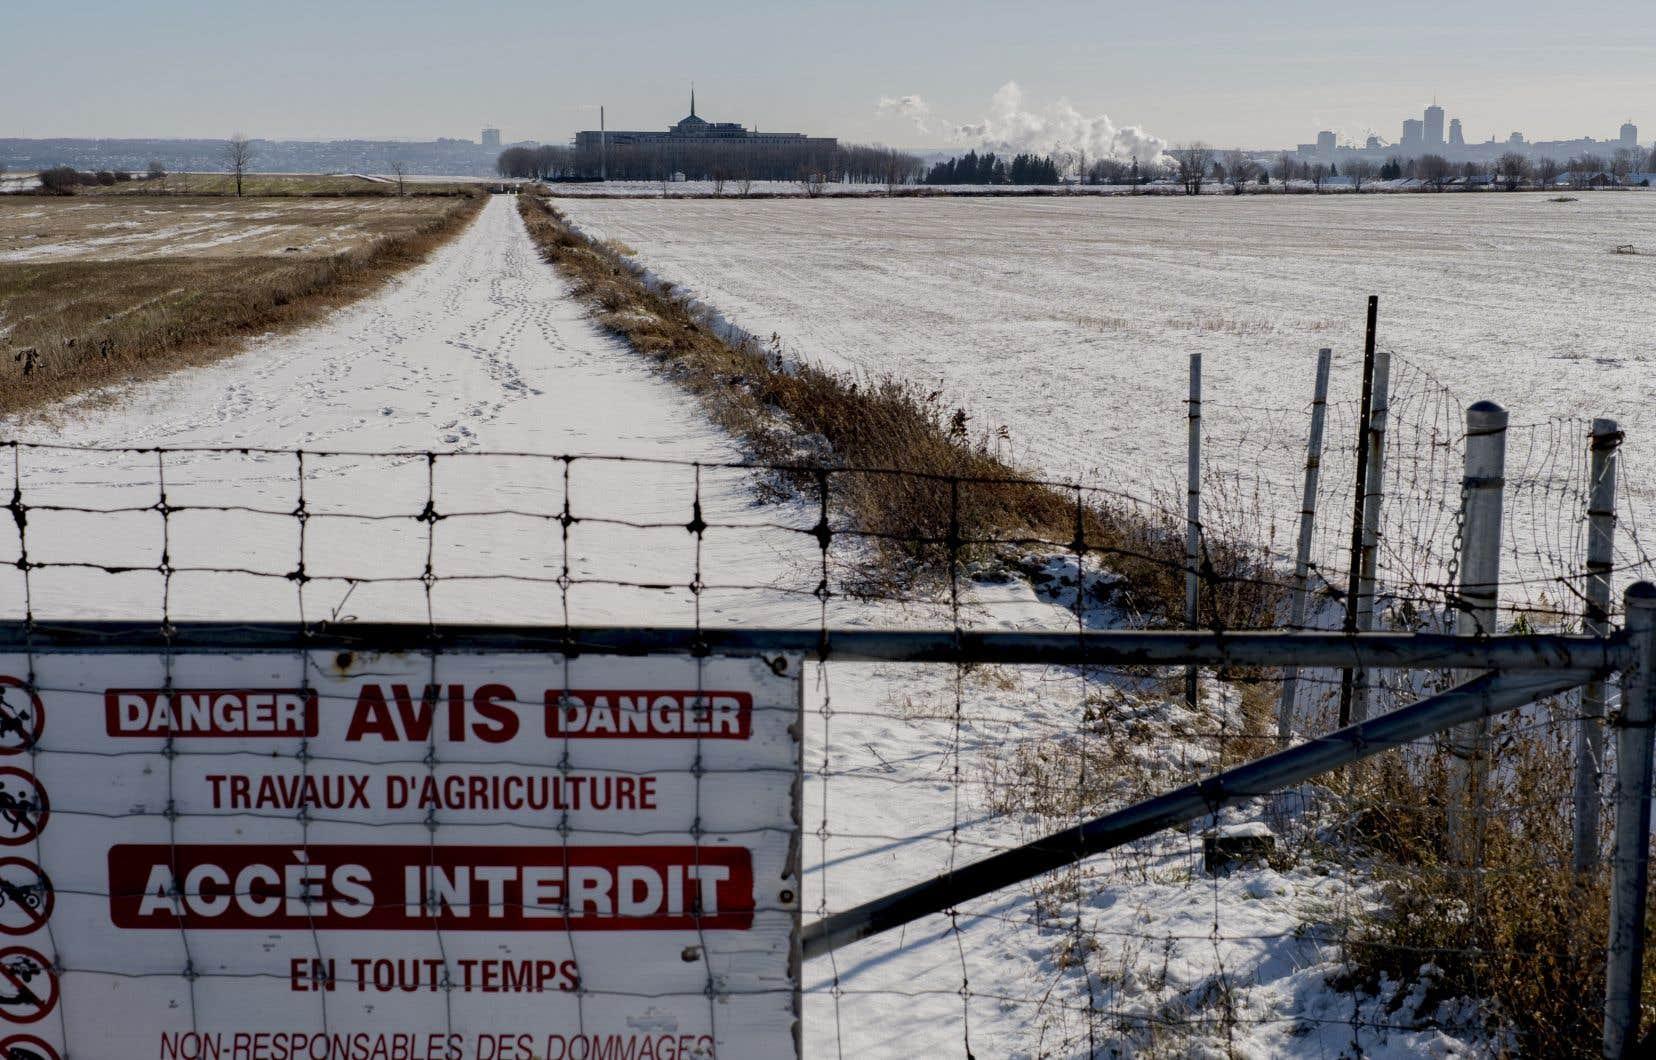 Un promoteur souhaite construire 6500 unités résidentielles sur les anciennes terres agricoles des Sœurs de la Charité.